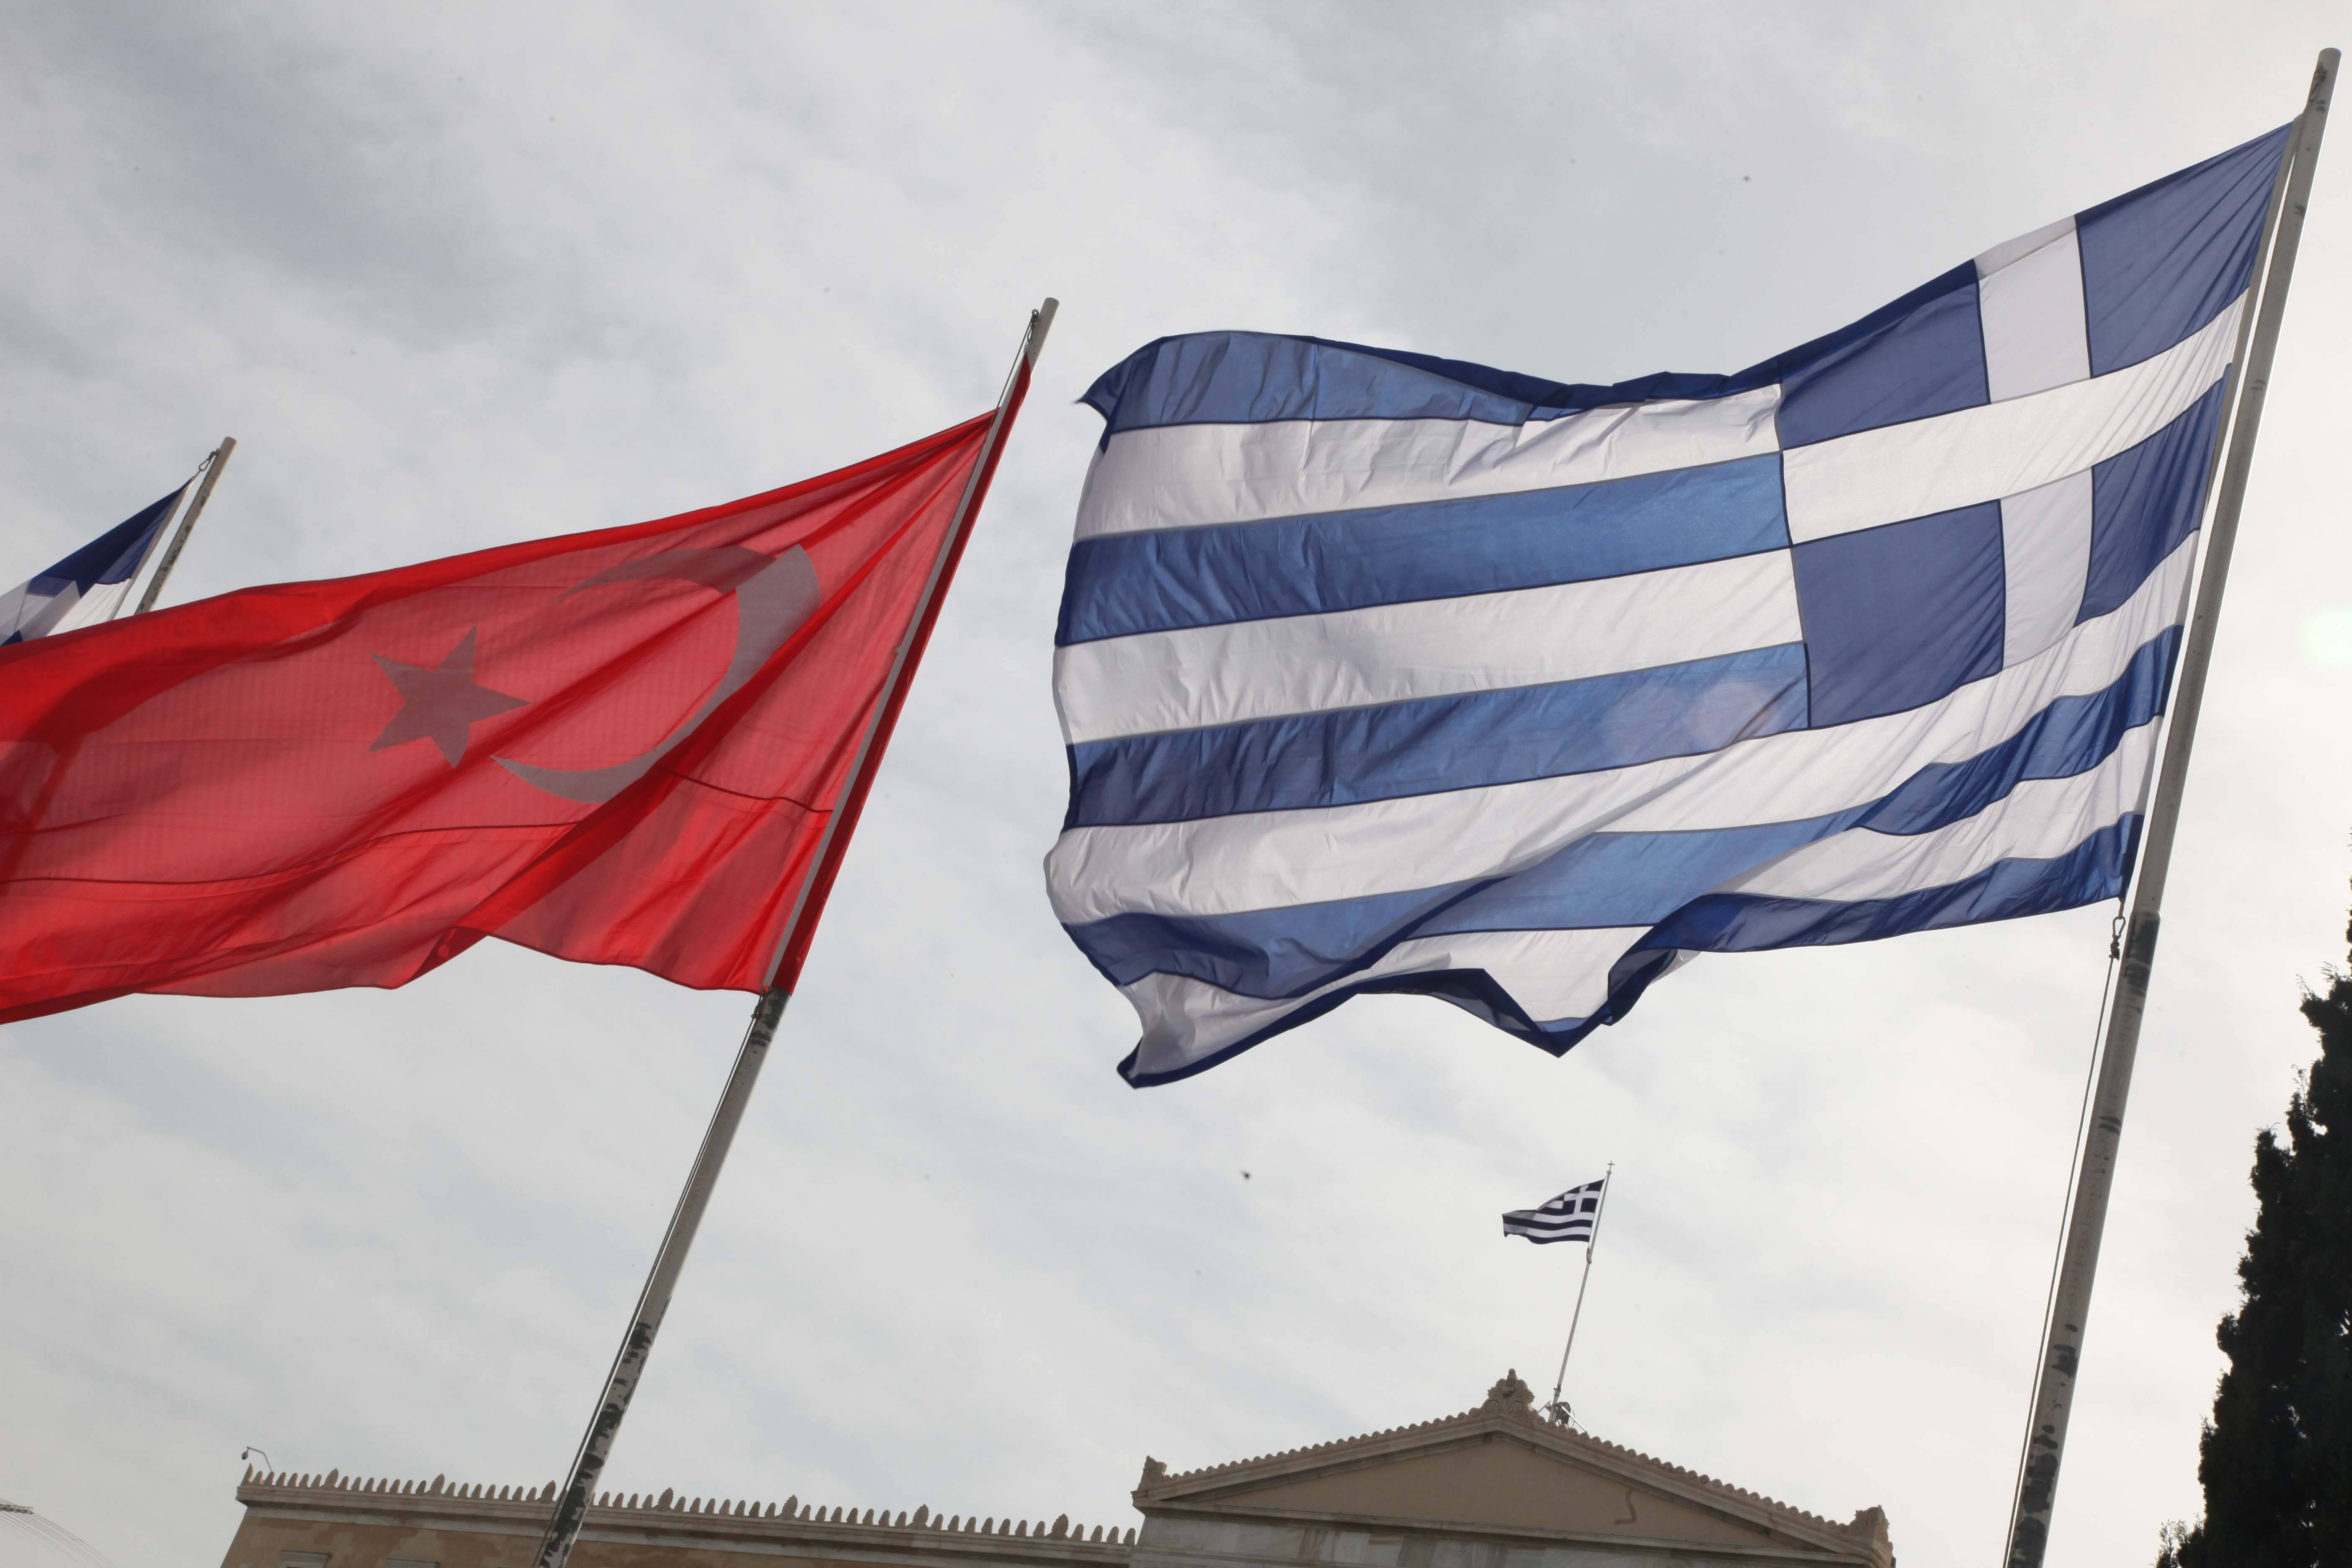 Διερευνητικές: Τα… στεγανά και τα μηνύματα από την Κωνσταντινούπολη – Ποιά κέρδη «βλέπει» η Αθήνα